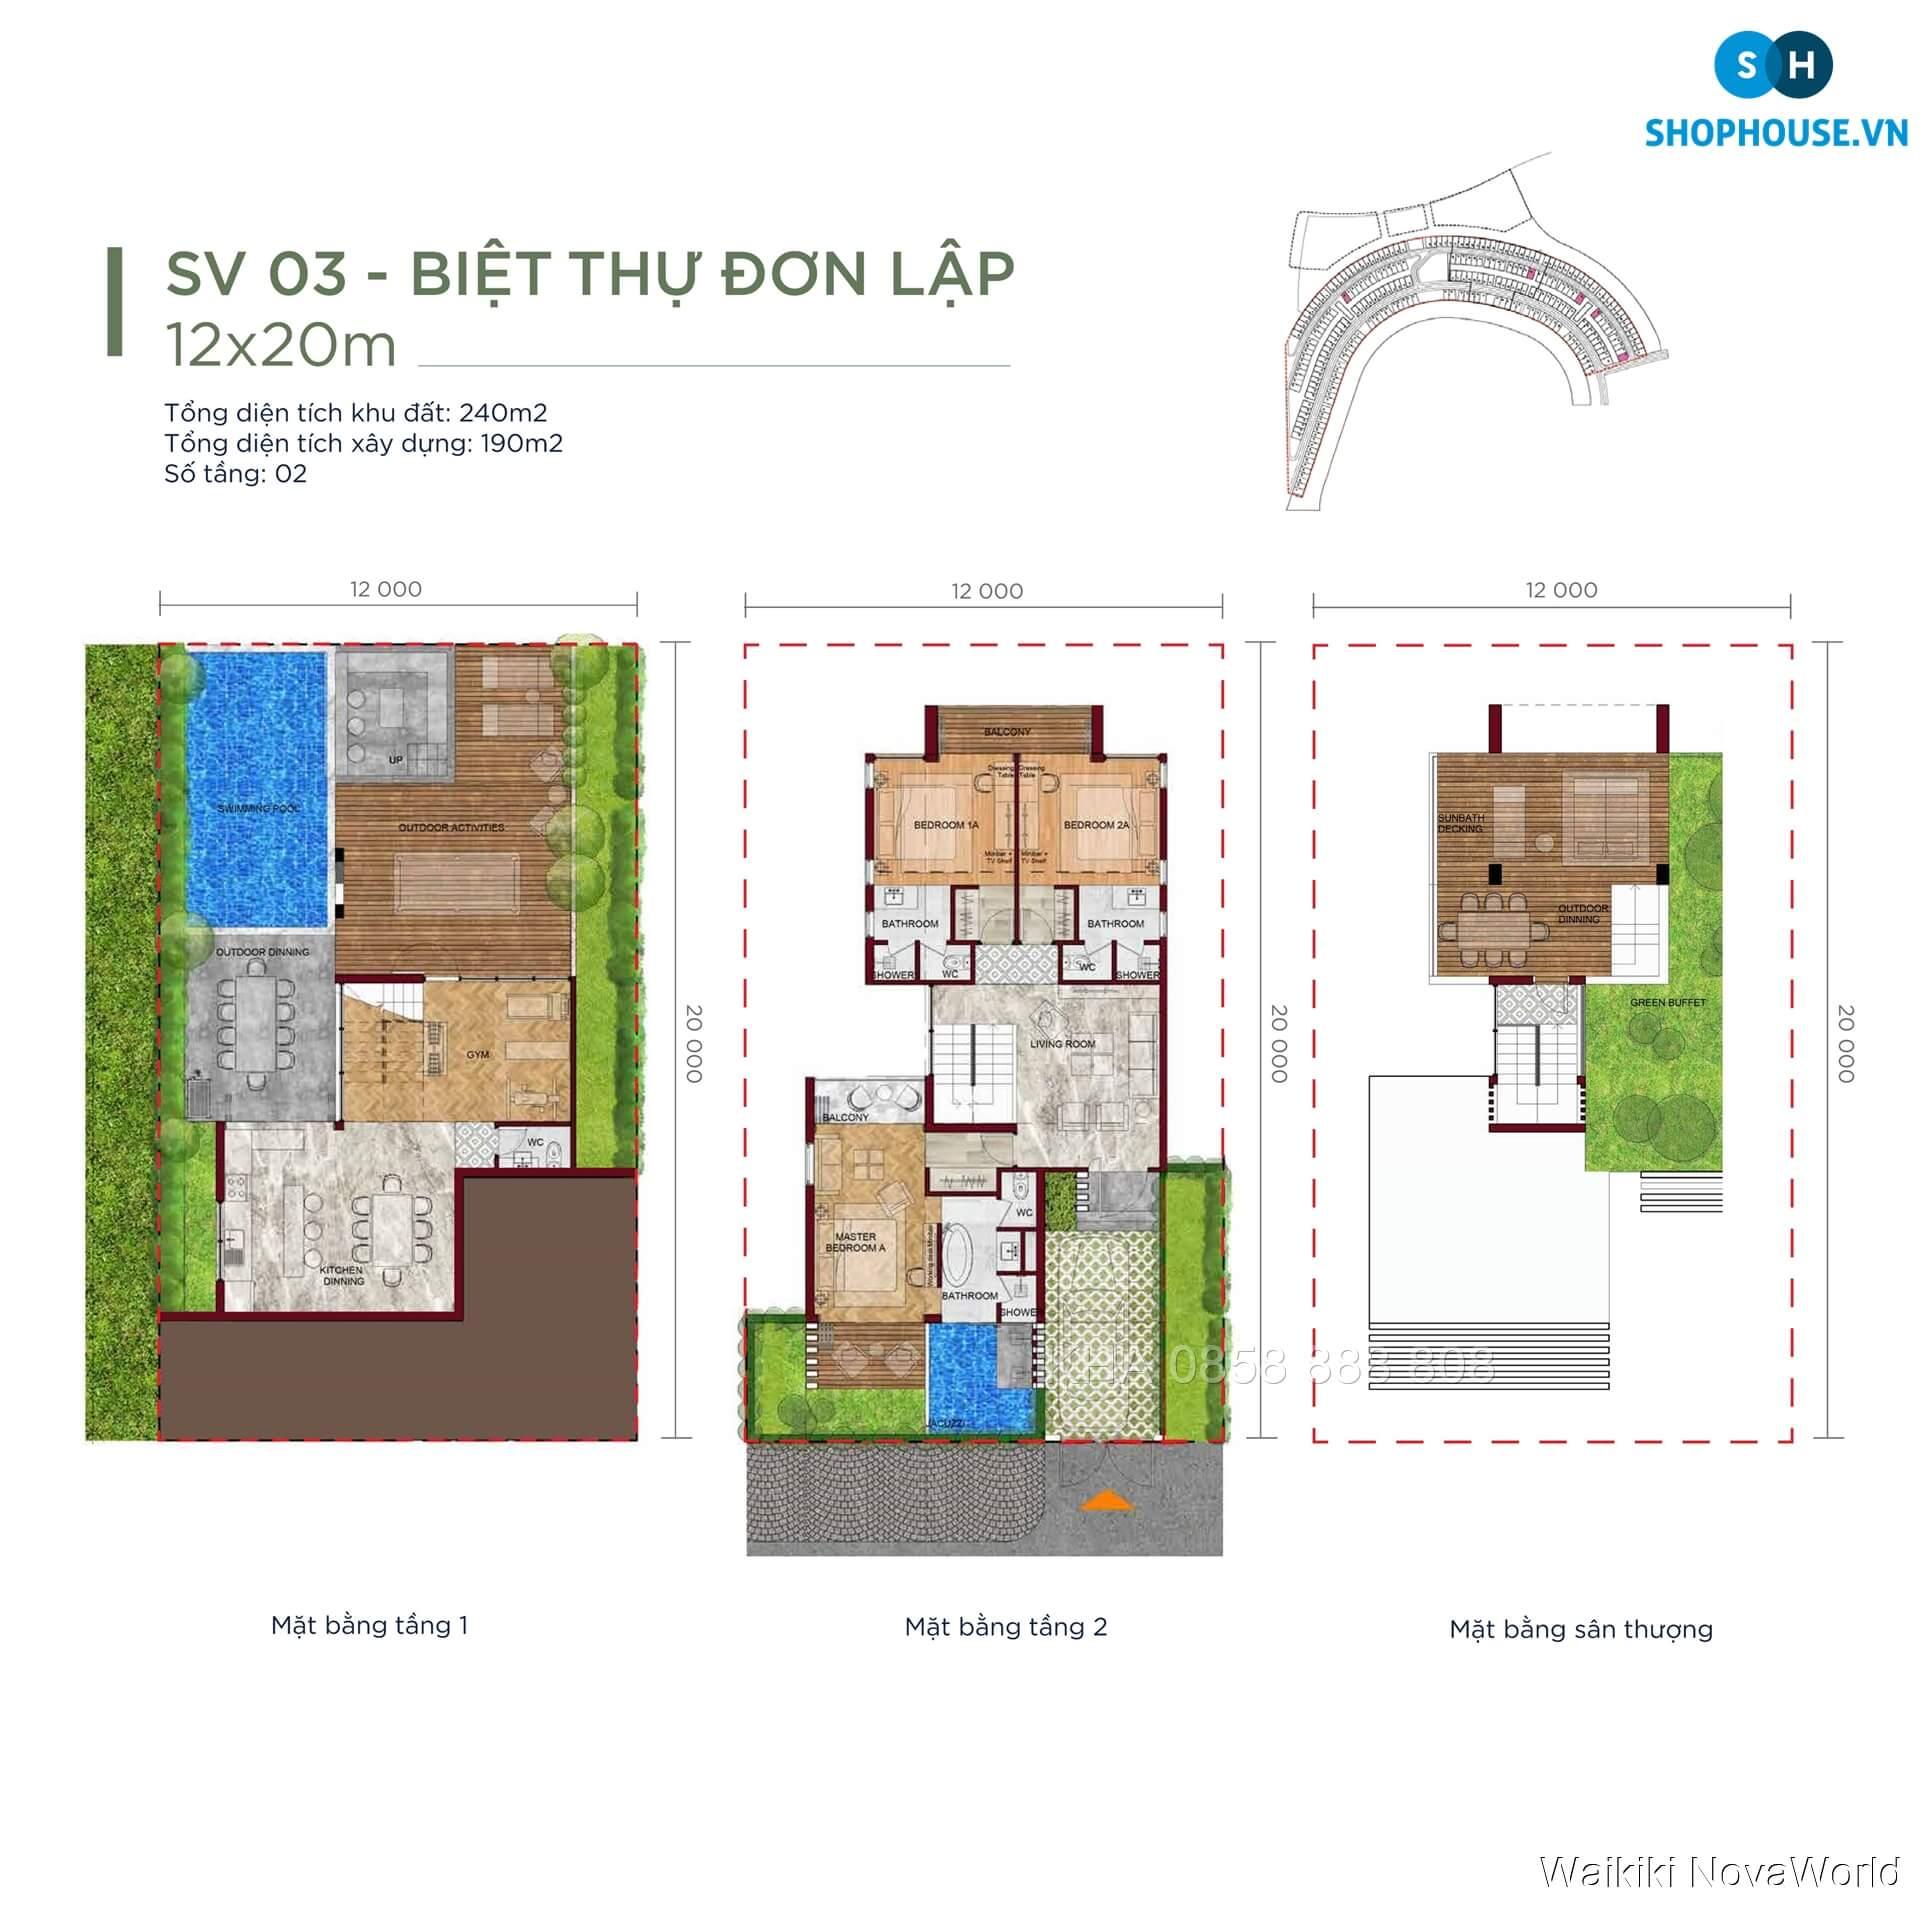 Waikiki-NovaWorld-mat-bang-tang-chi-tiet-biet-thu-villas-don-lap-12x20-SV03